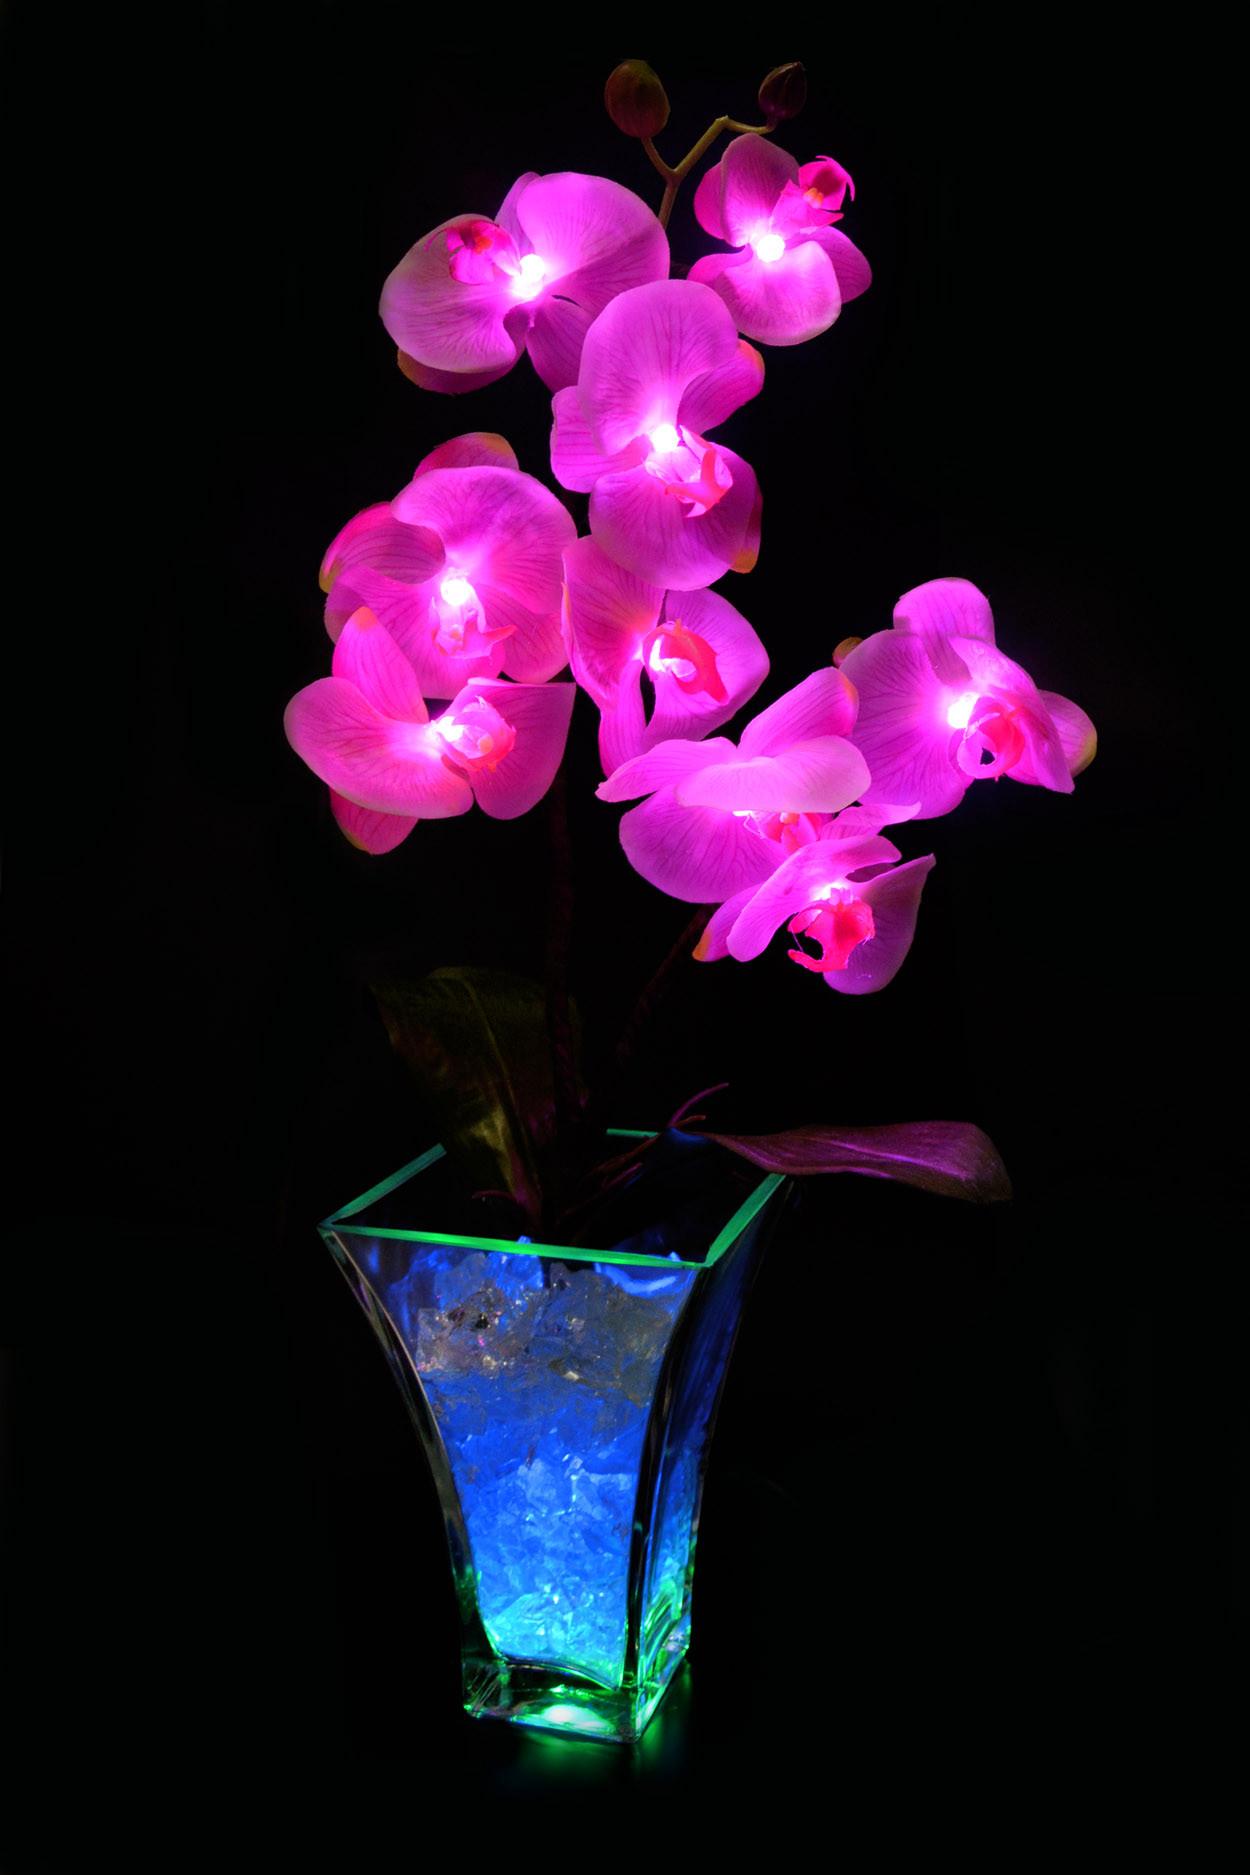 Светильник Орхидея Розовый(син-зел) 9 цветков